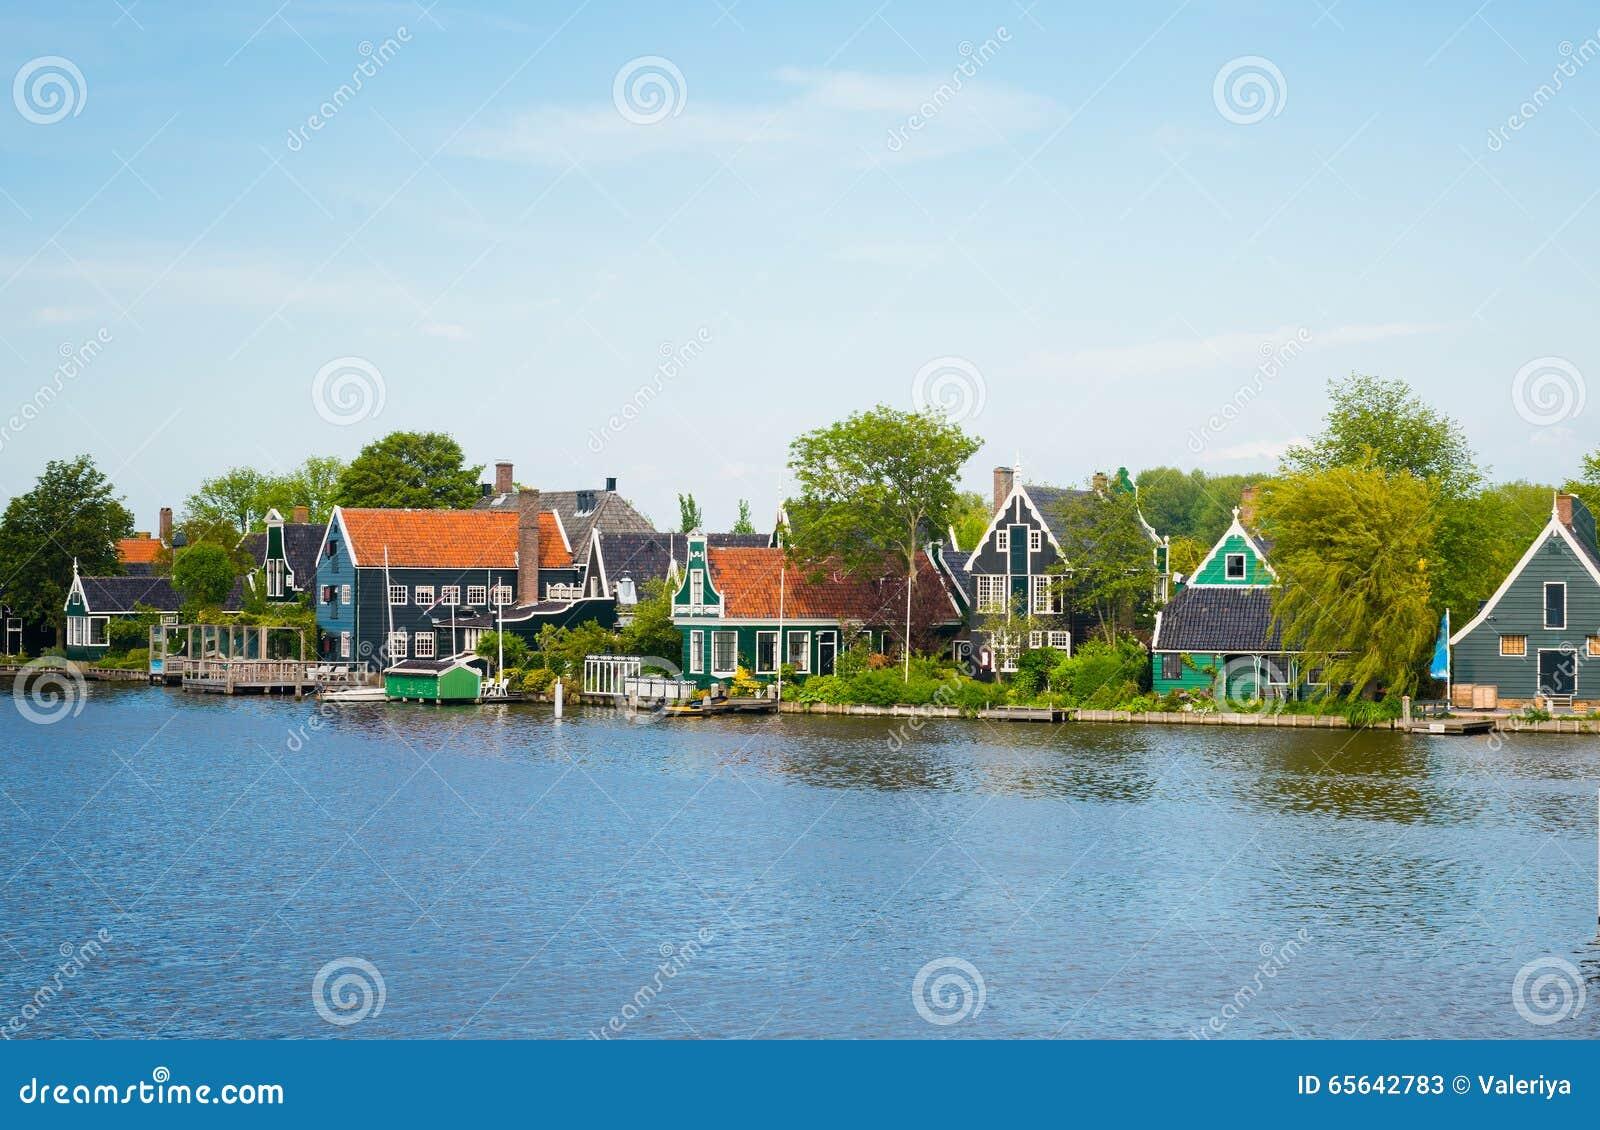 Maison traditionnelle au village historique de Zaanse Schans